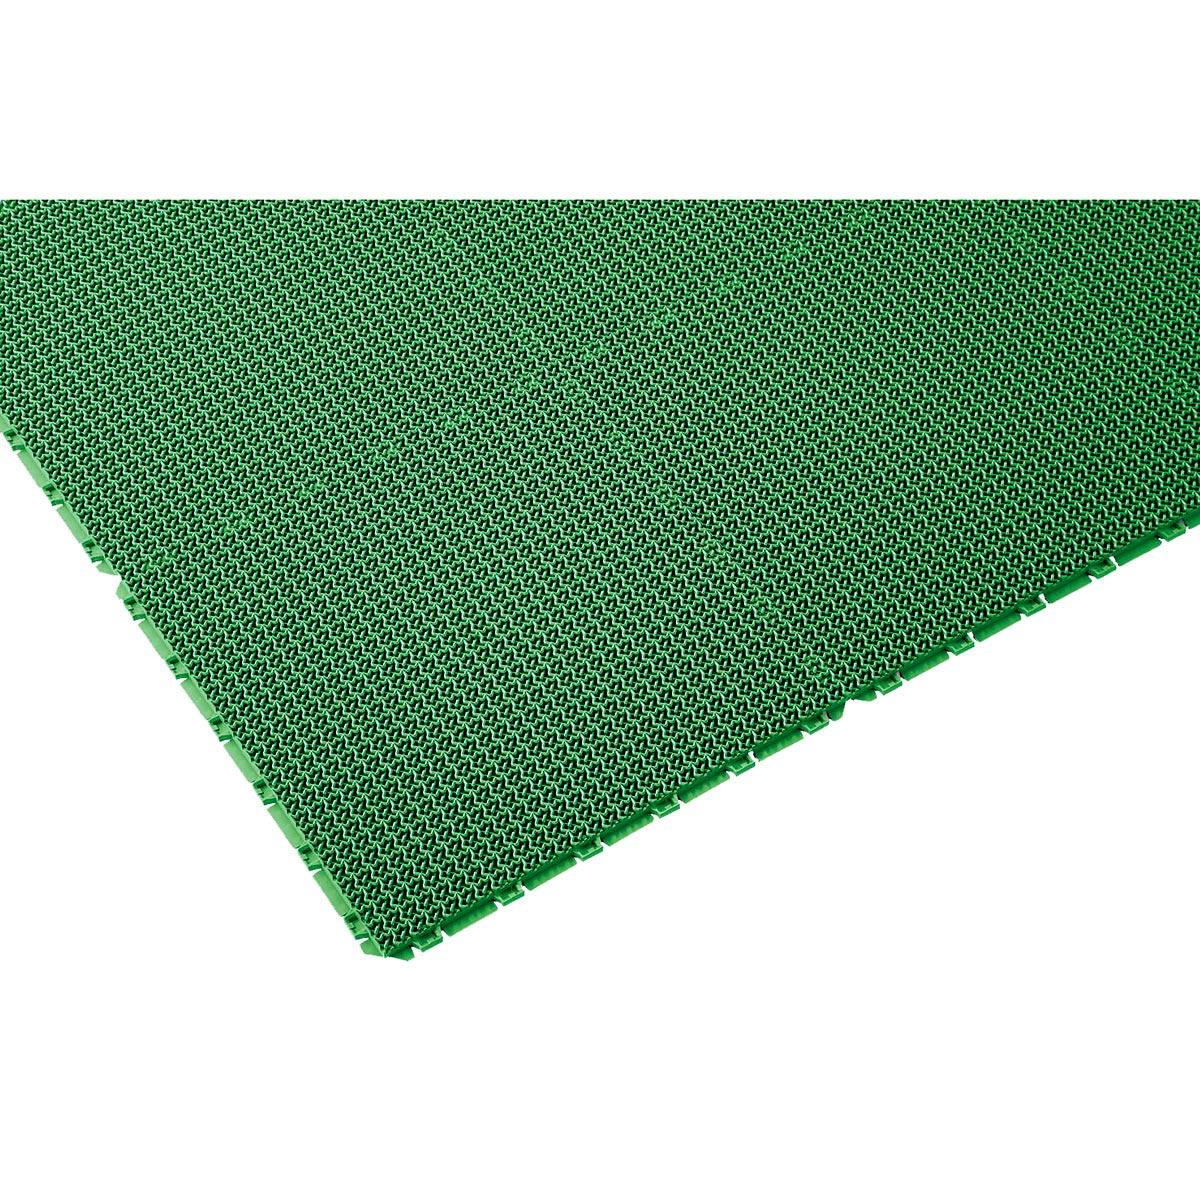 山崎産業 ブイステップマット13 オーダーサイズ縁なし 1平米/価格 G(緑) F-126-OR